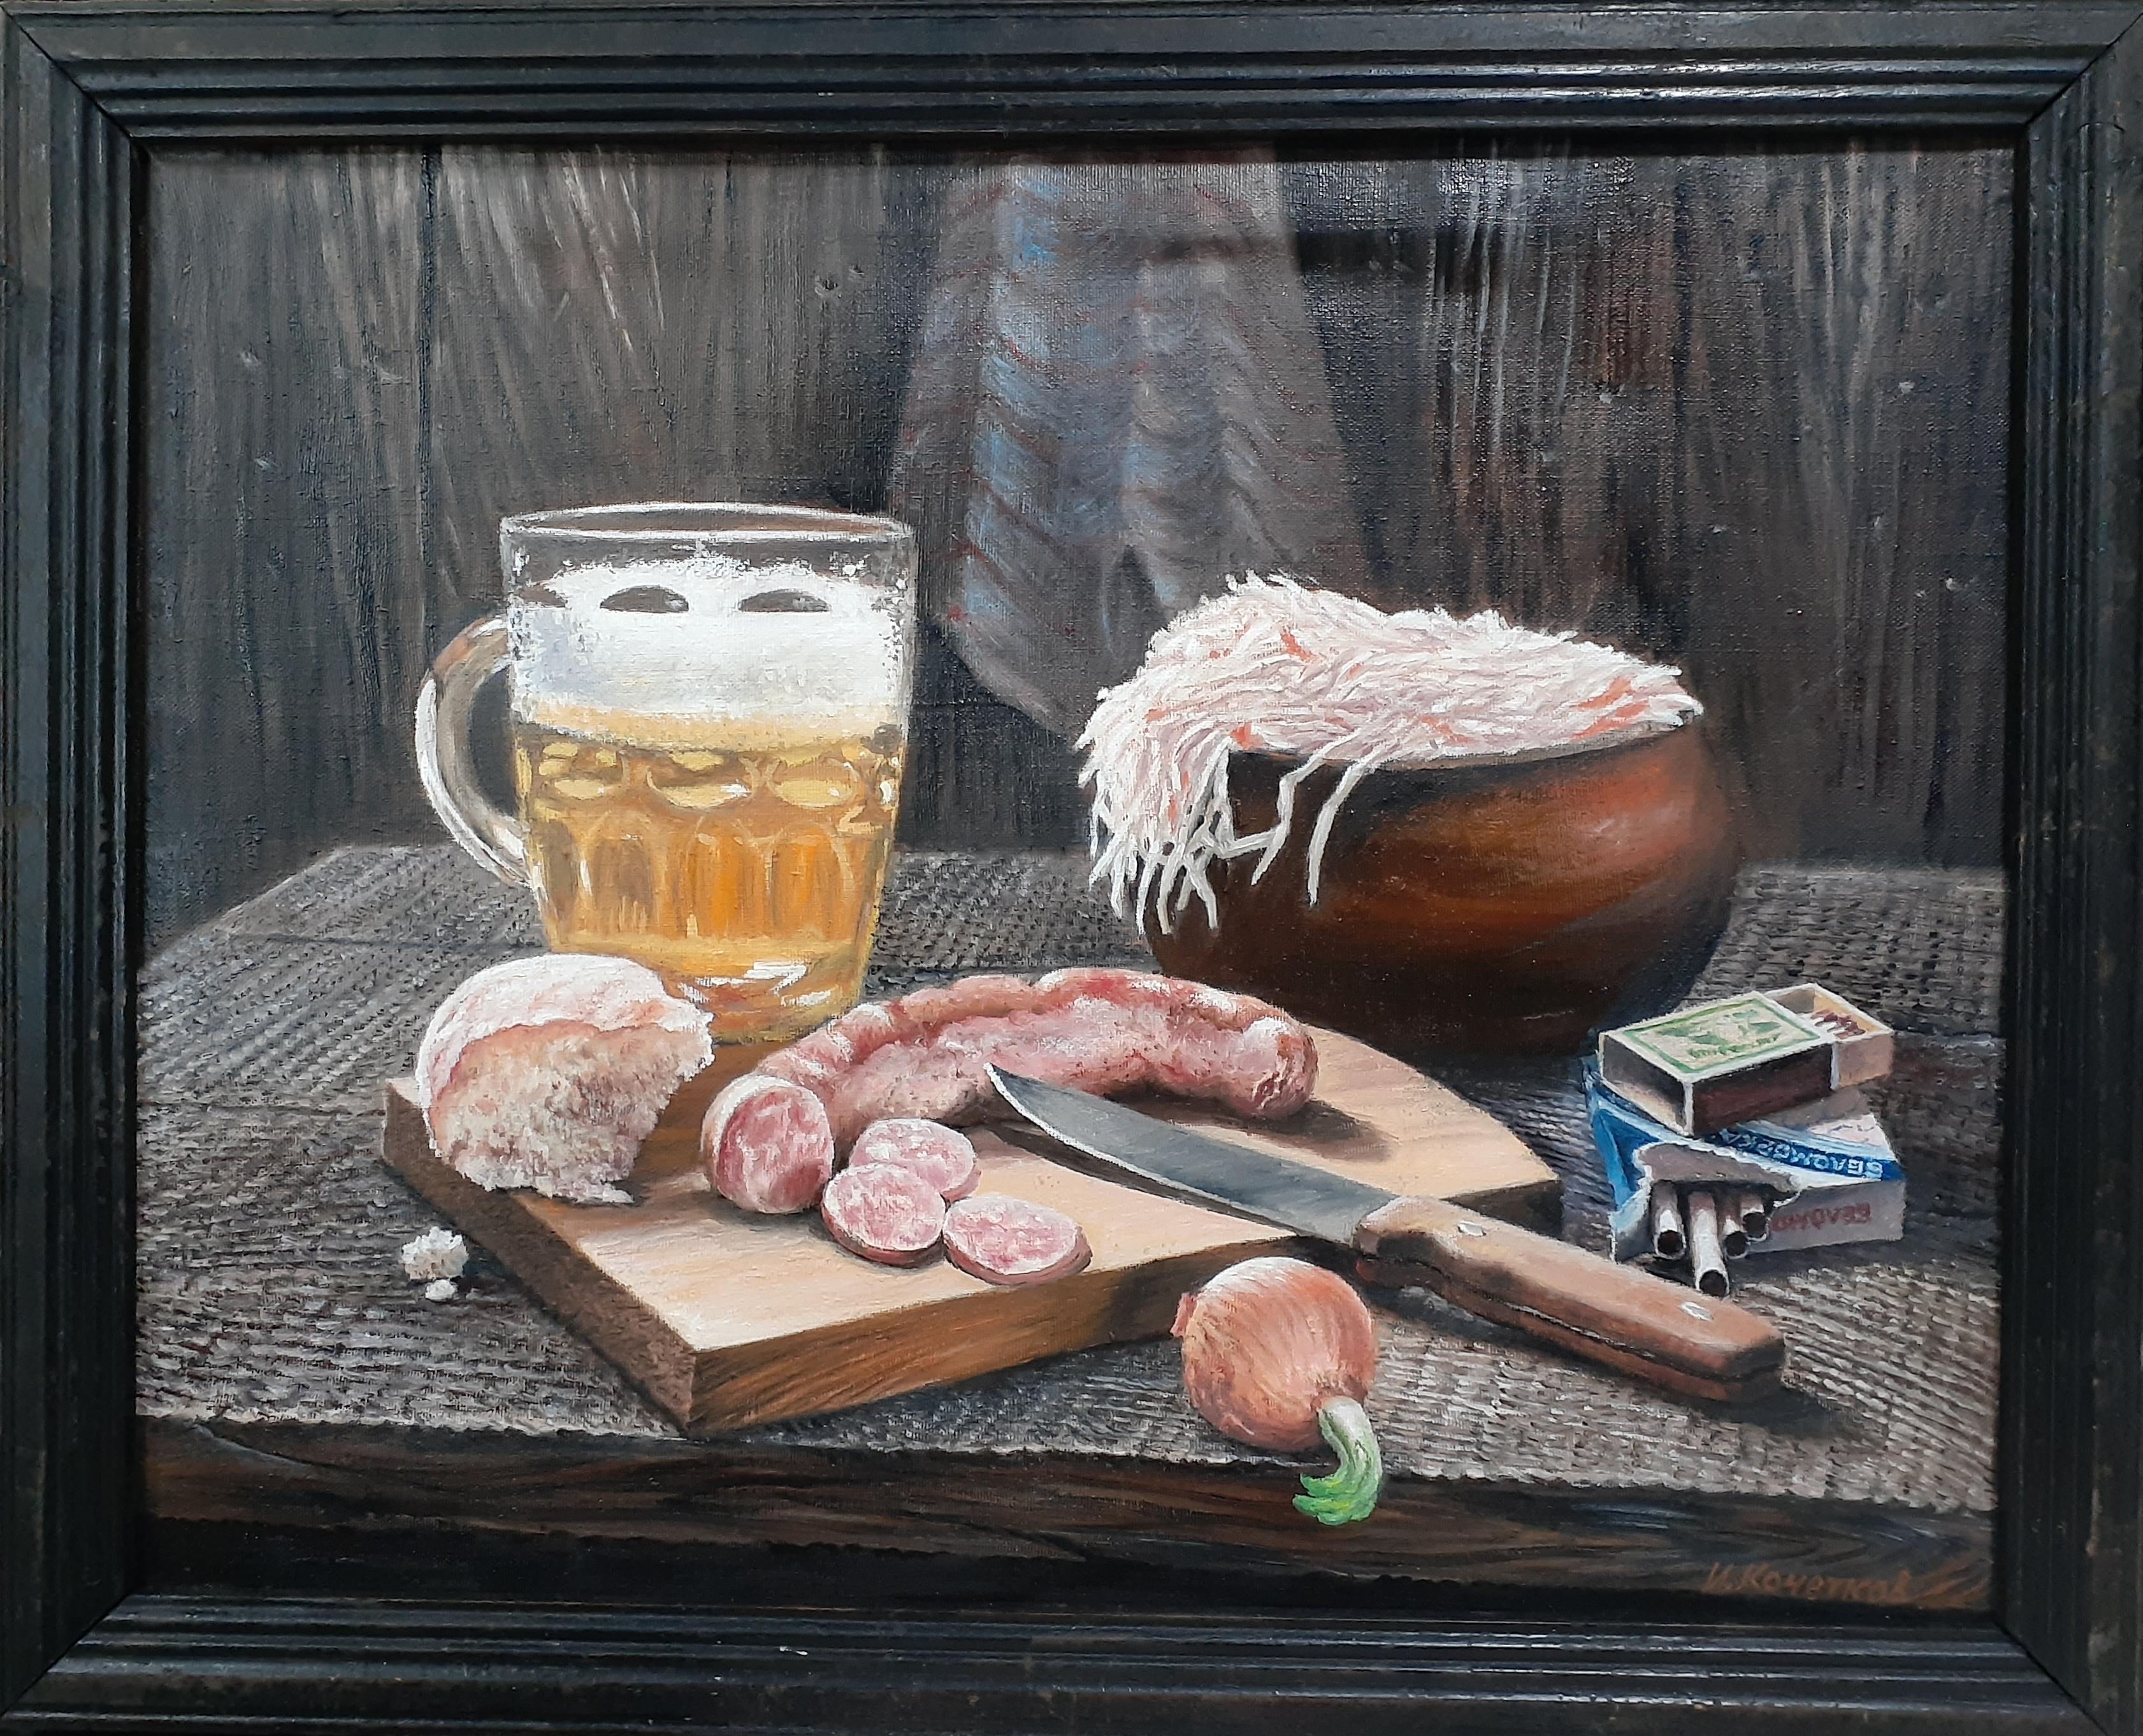 Натюрморт с пивом, колбасой, квашеной капустой и сигаретами 44-57 см., холст, масло 1960-е  - 1